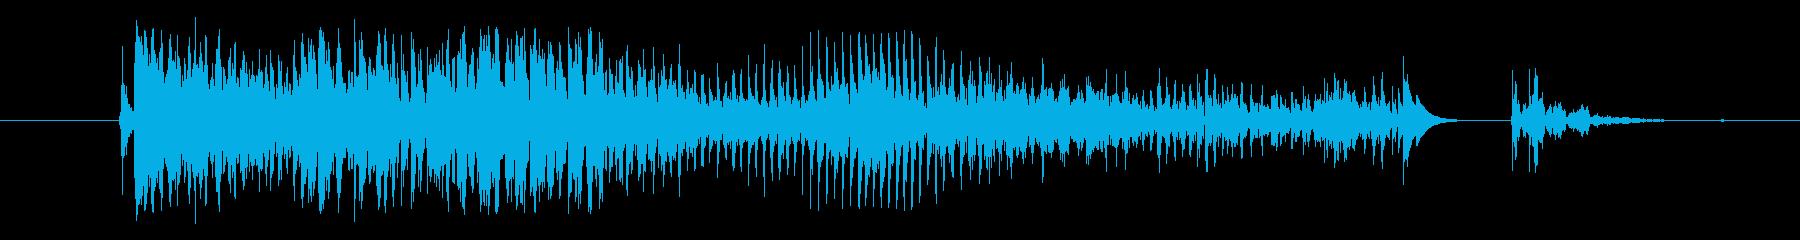 モンスター 窒息ゾンビ02の再生済みの波形